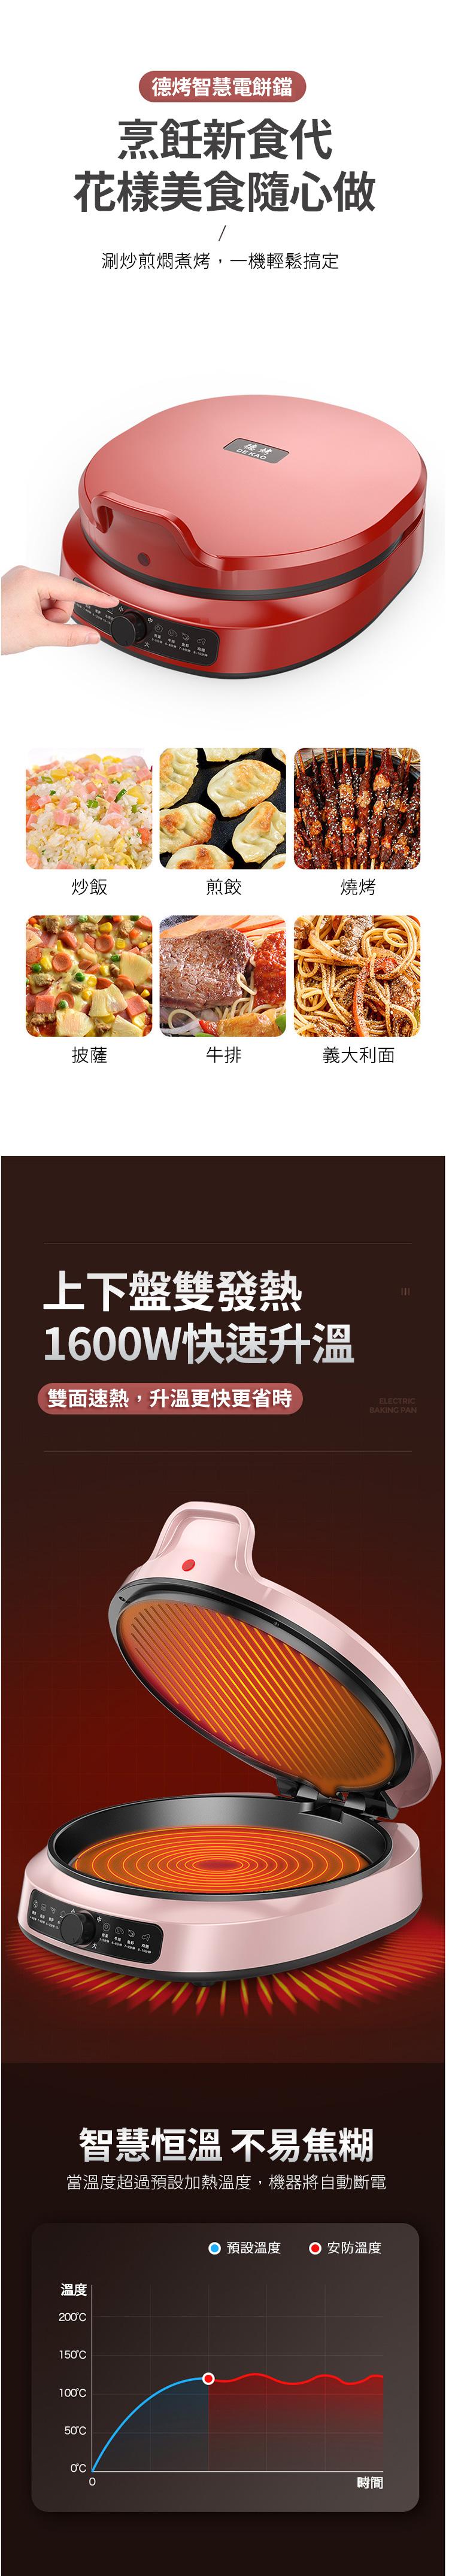 〖現貨免運〗110v台灣專用 多功能電餅鐺 家用懸浮式可麗餅機 雙層加大 煎餅鍋